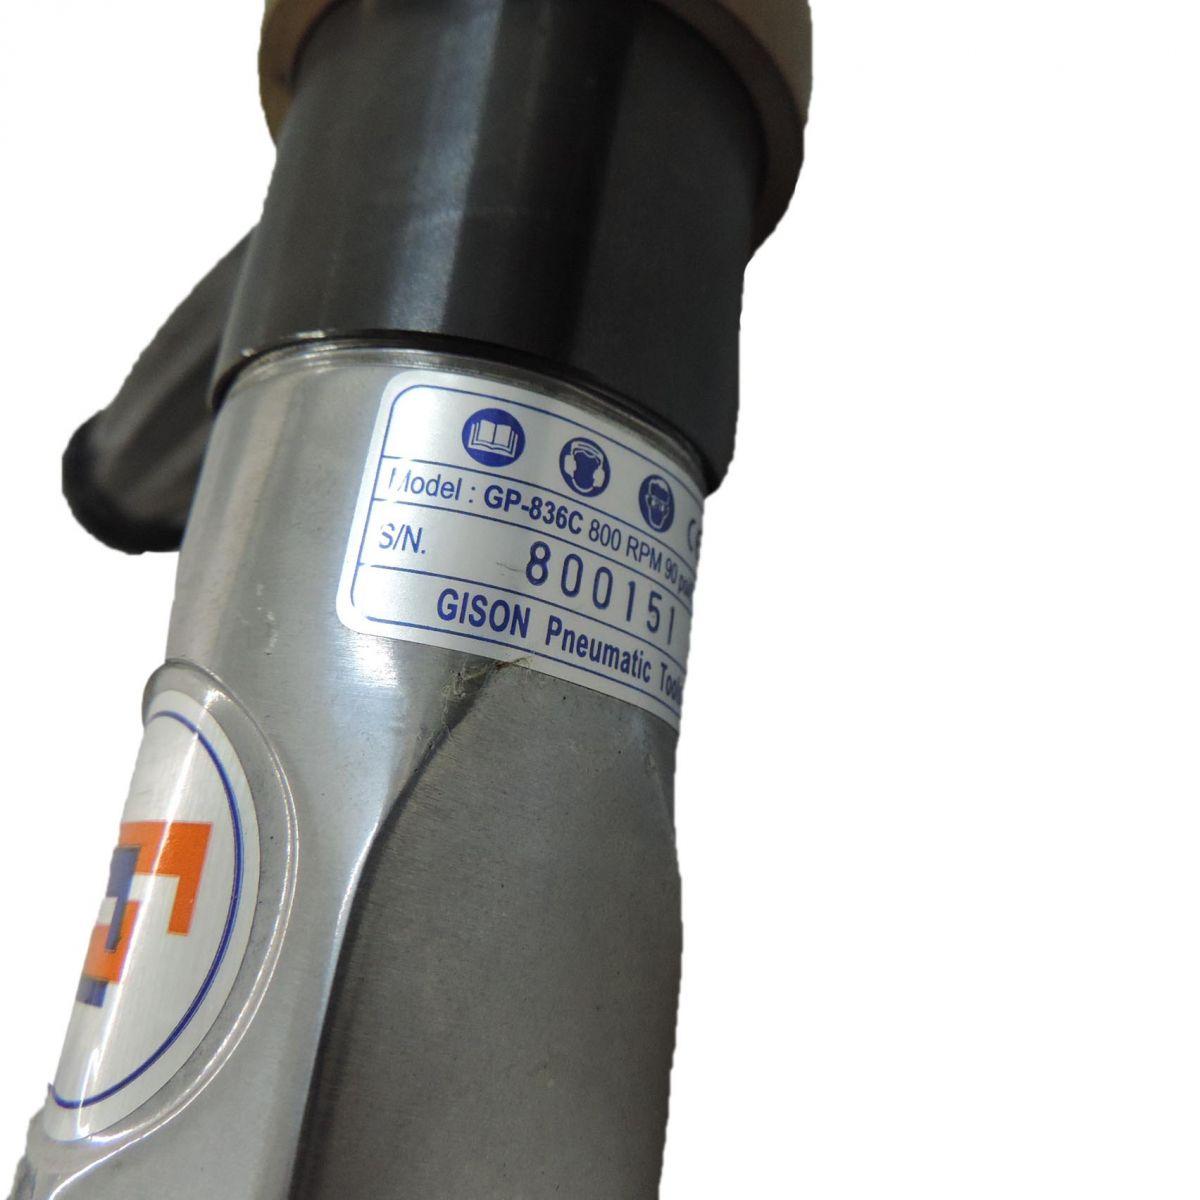 Parafusadeira Pneumática Gp-836c - 800 Rpm - Gison - Q33 - Nova